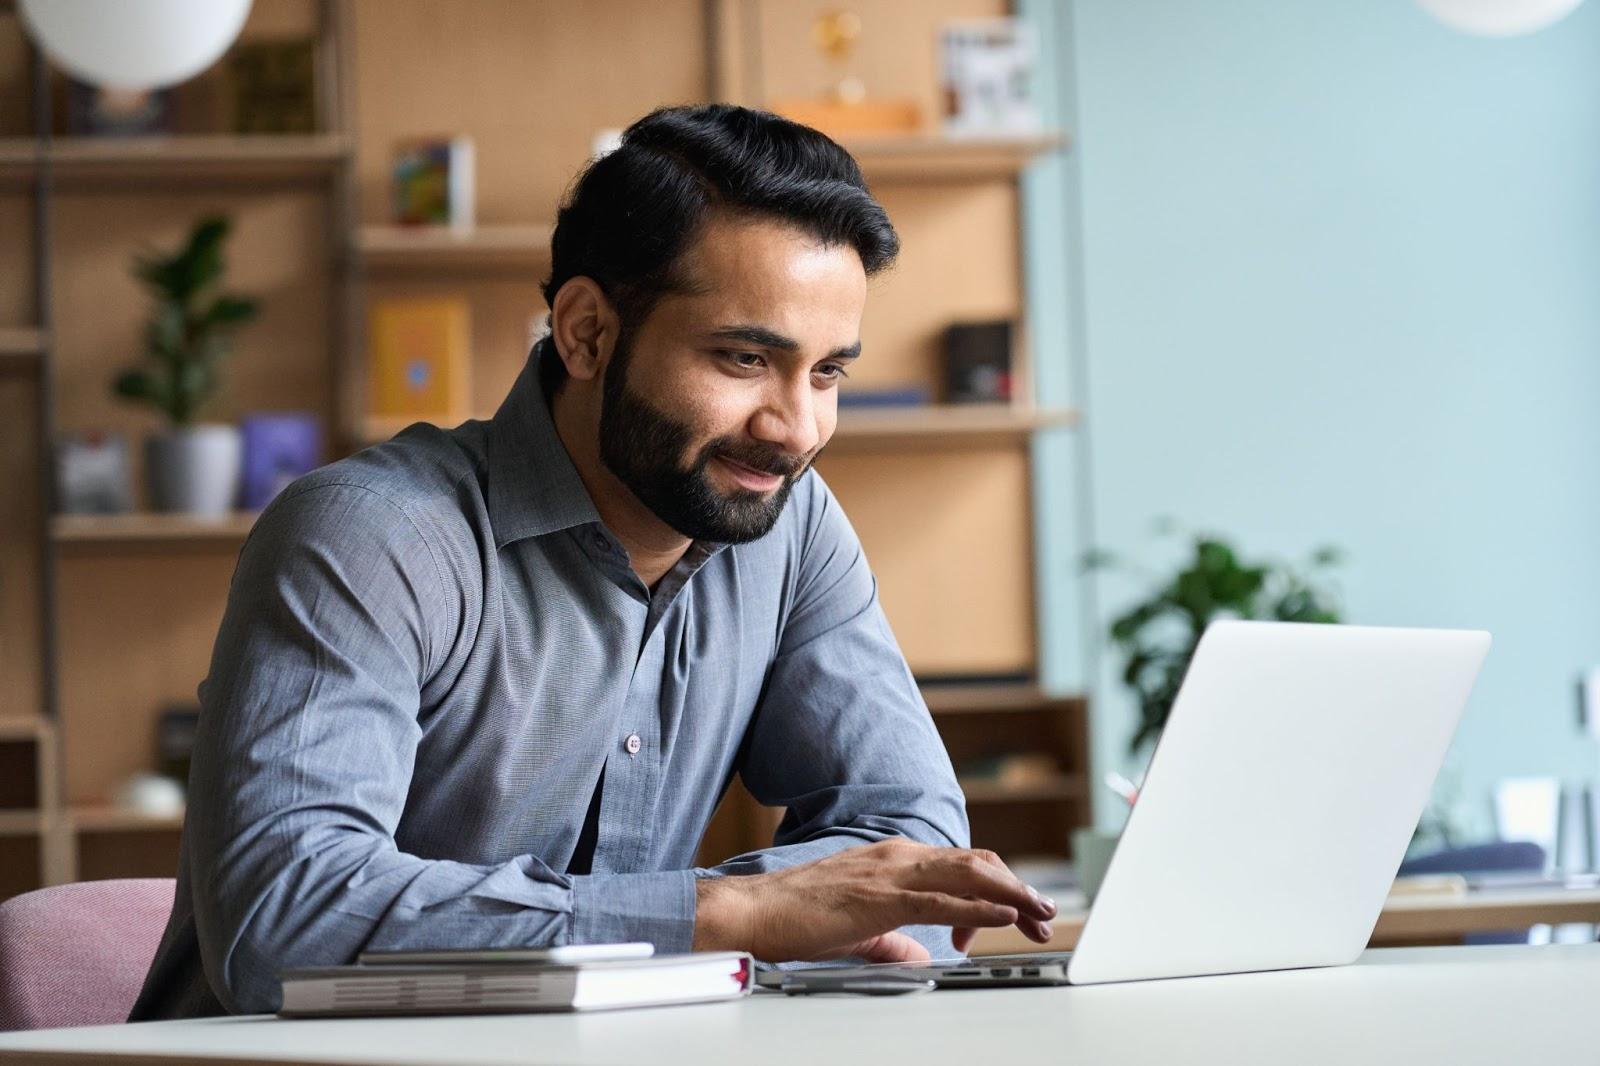 B2B marketing tools: Smiling man working on his laptop